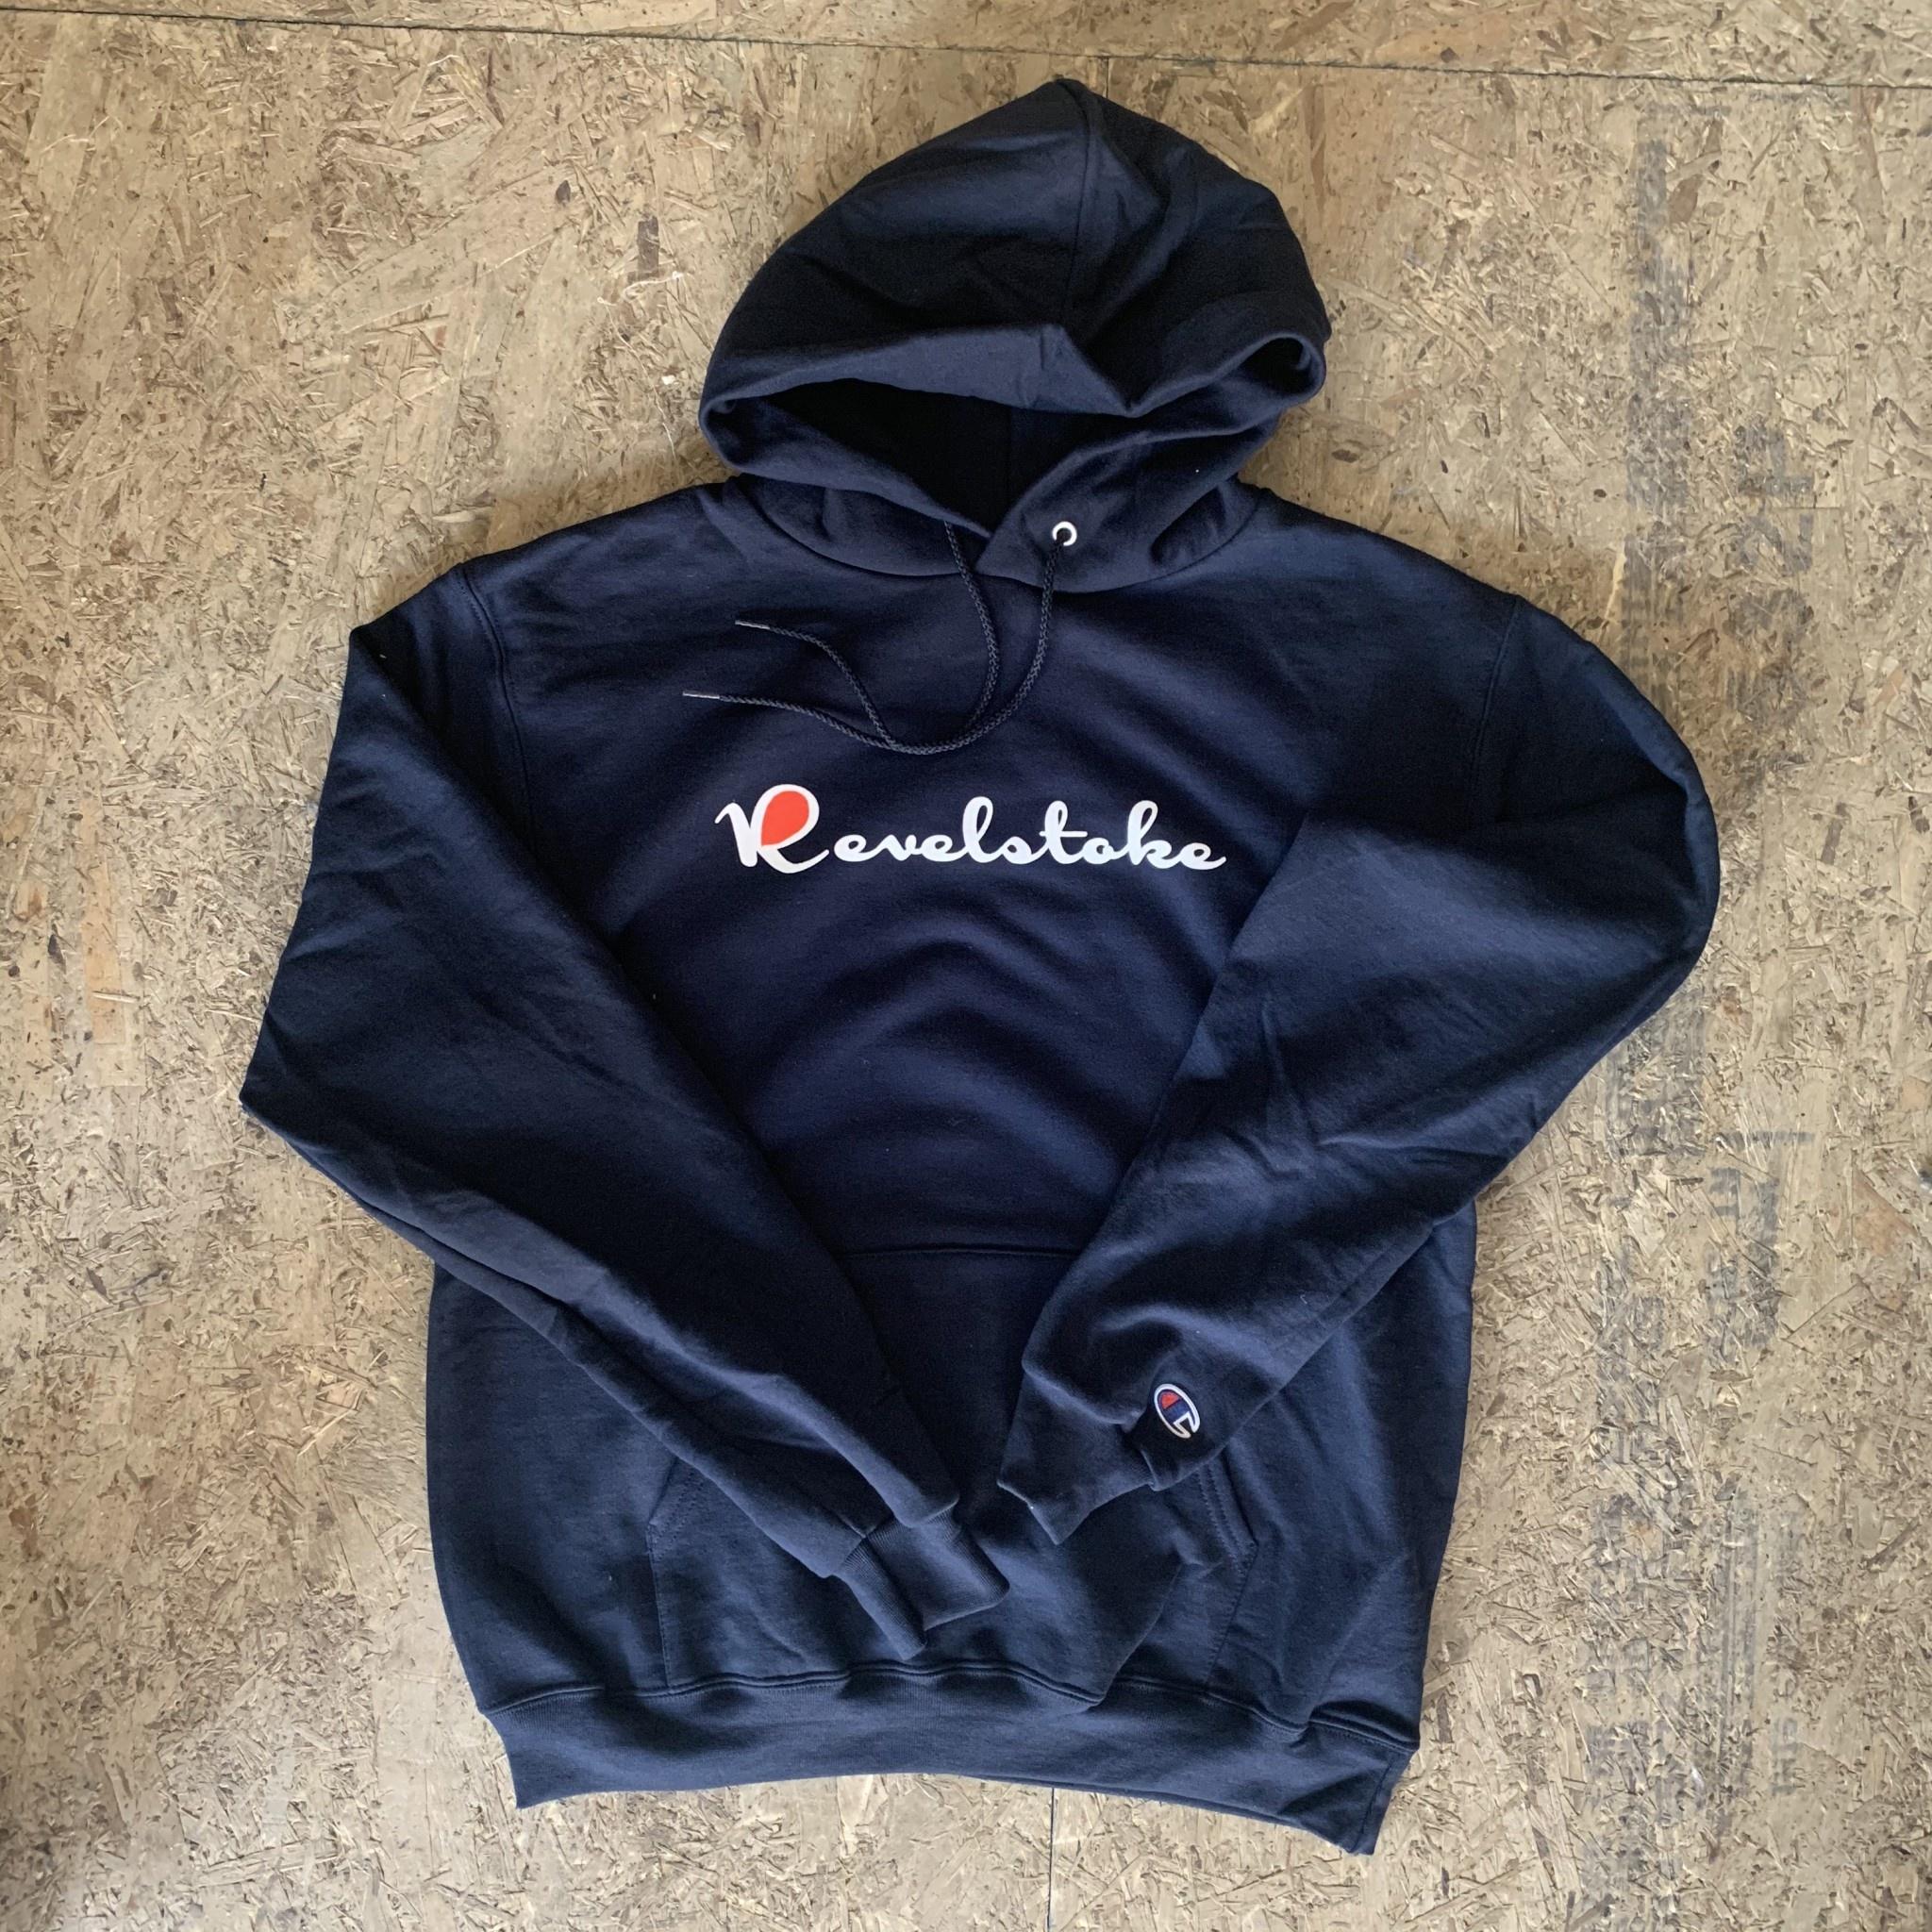 Revelstoke Trading Post Revelstoke - Sports Hood